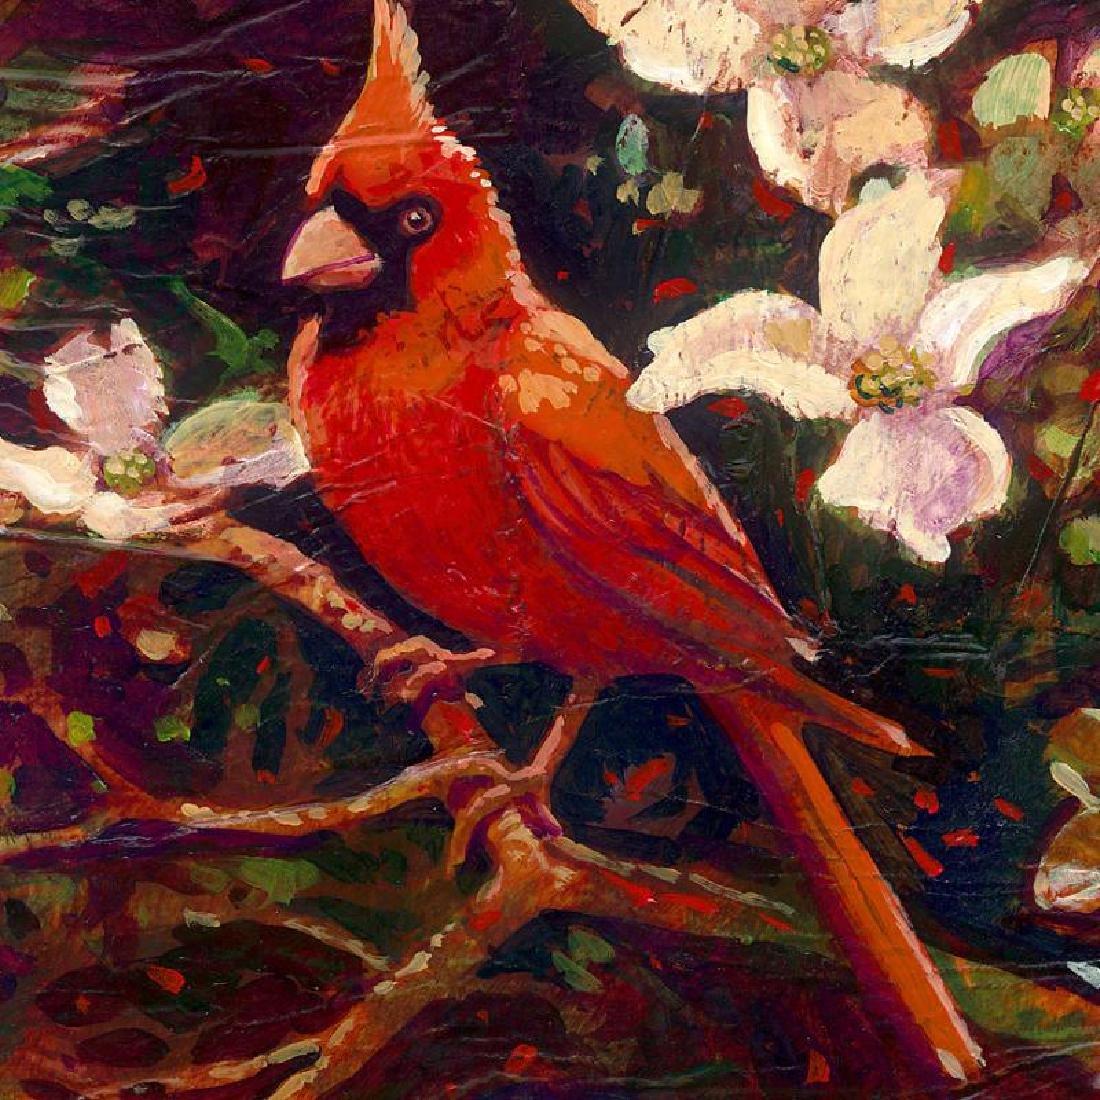 Cardinal by Bull, Simon - 2